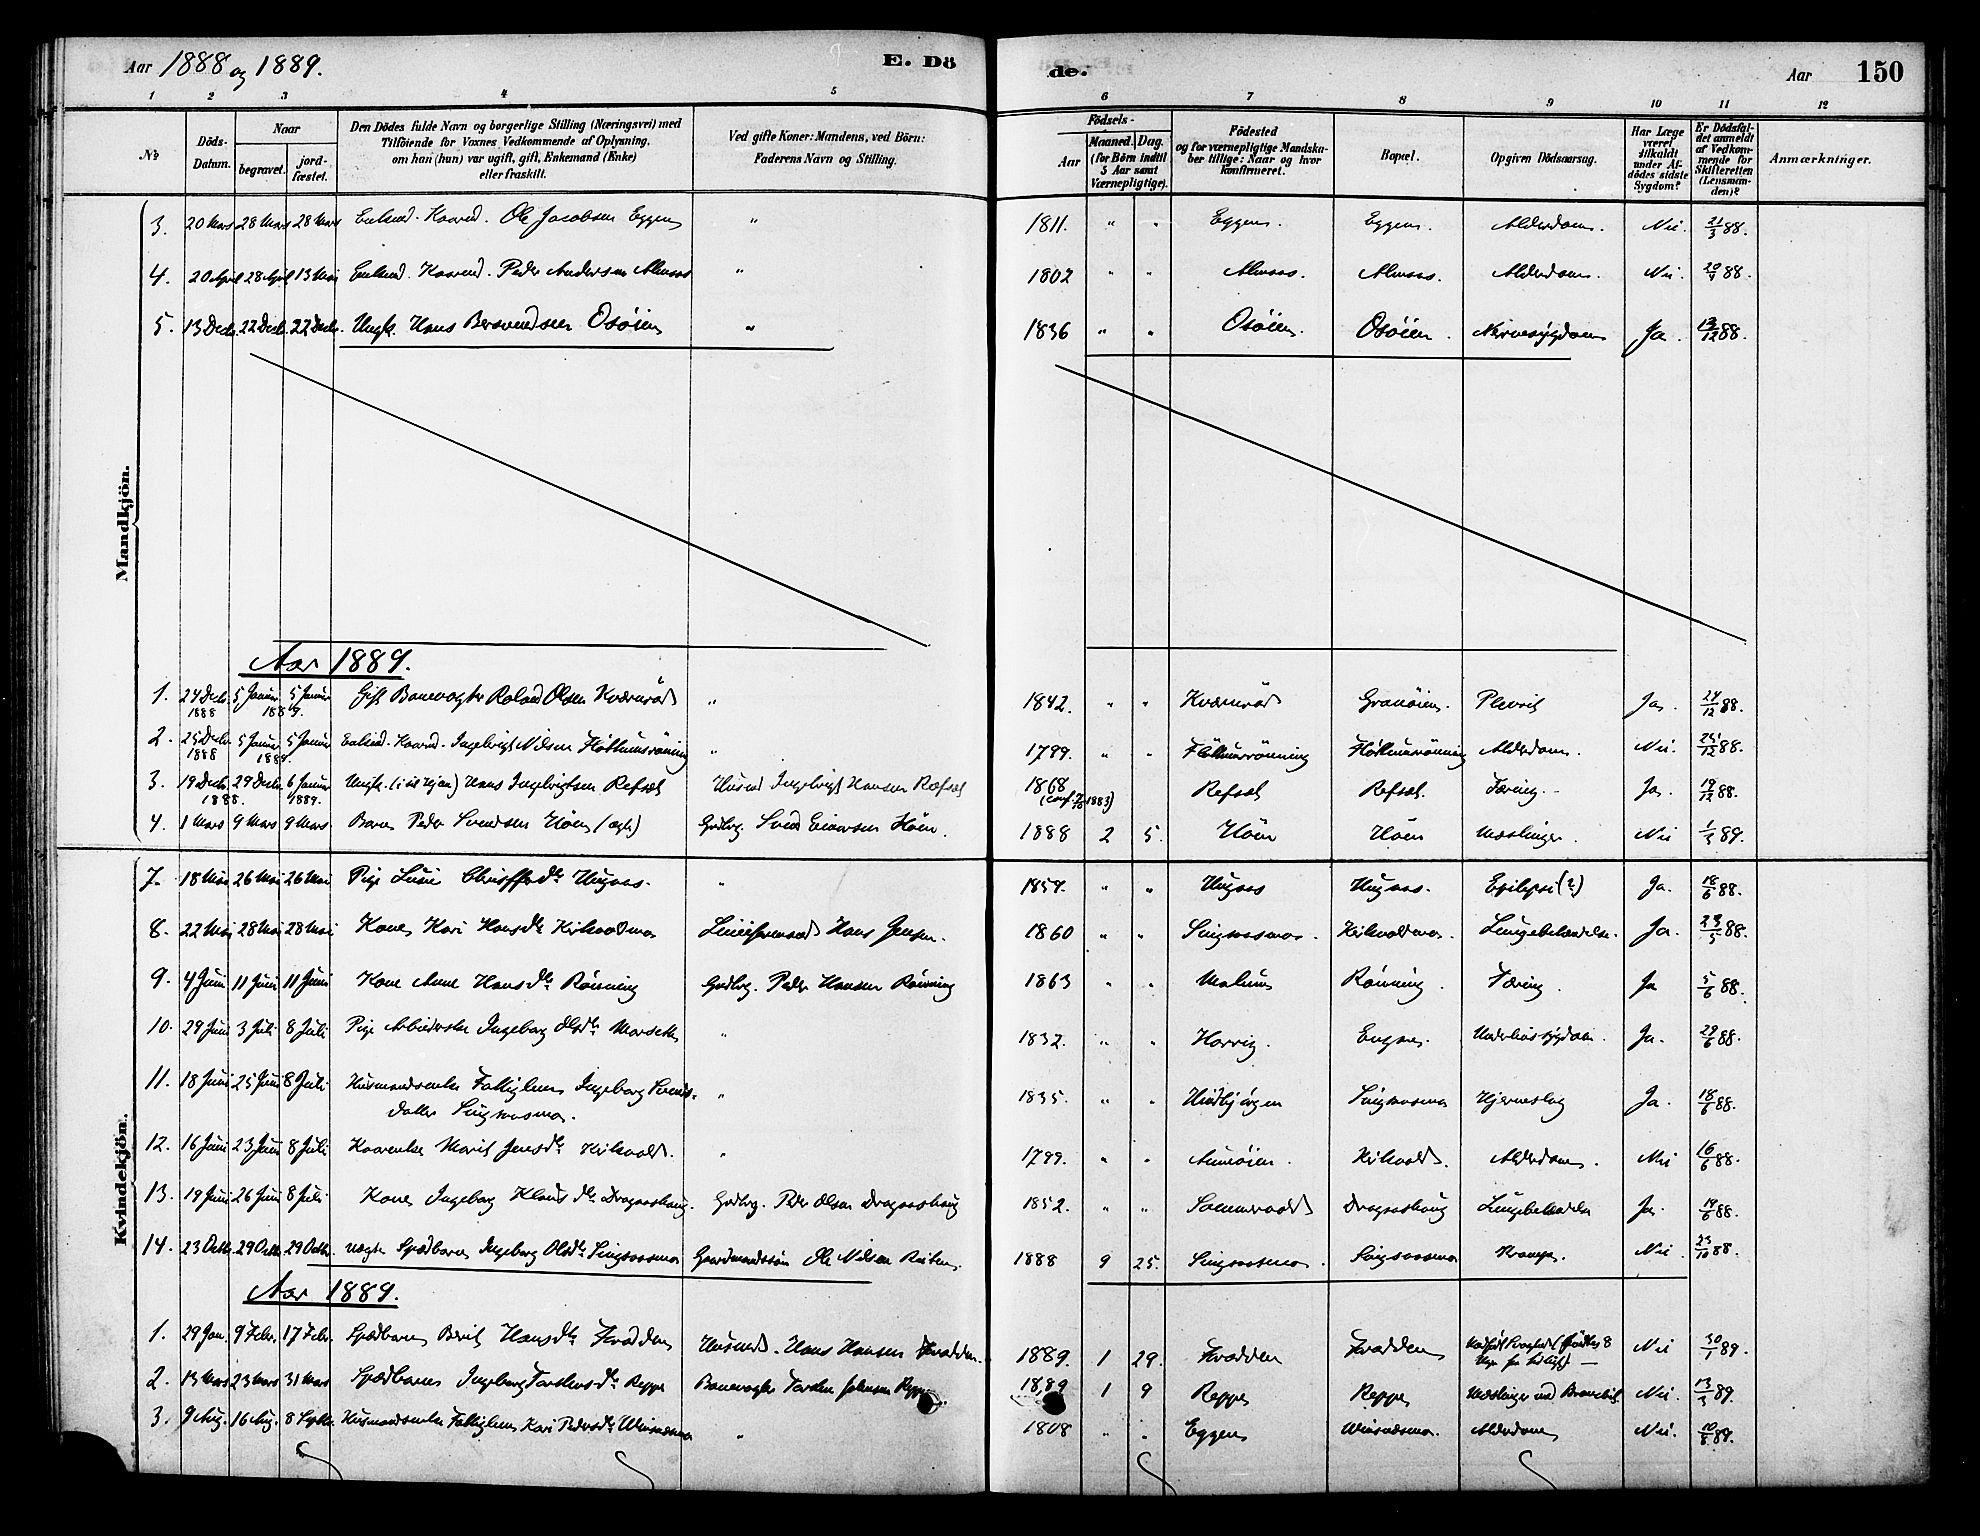 SAT, Ministerialprotokoller, klokkerbøker og fødselsregistre - Sør-Trøndelag, 688/L1024: Ministerialbok nr. 688A01, 1879-1890, s. 150